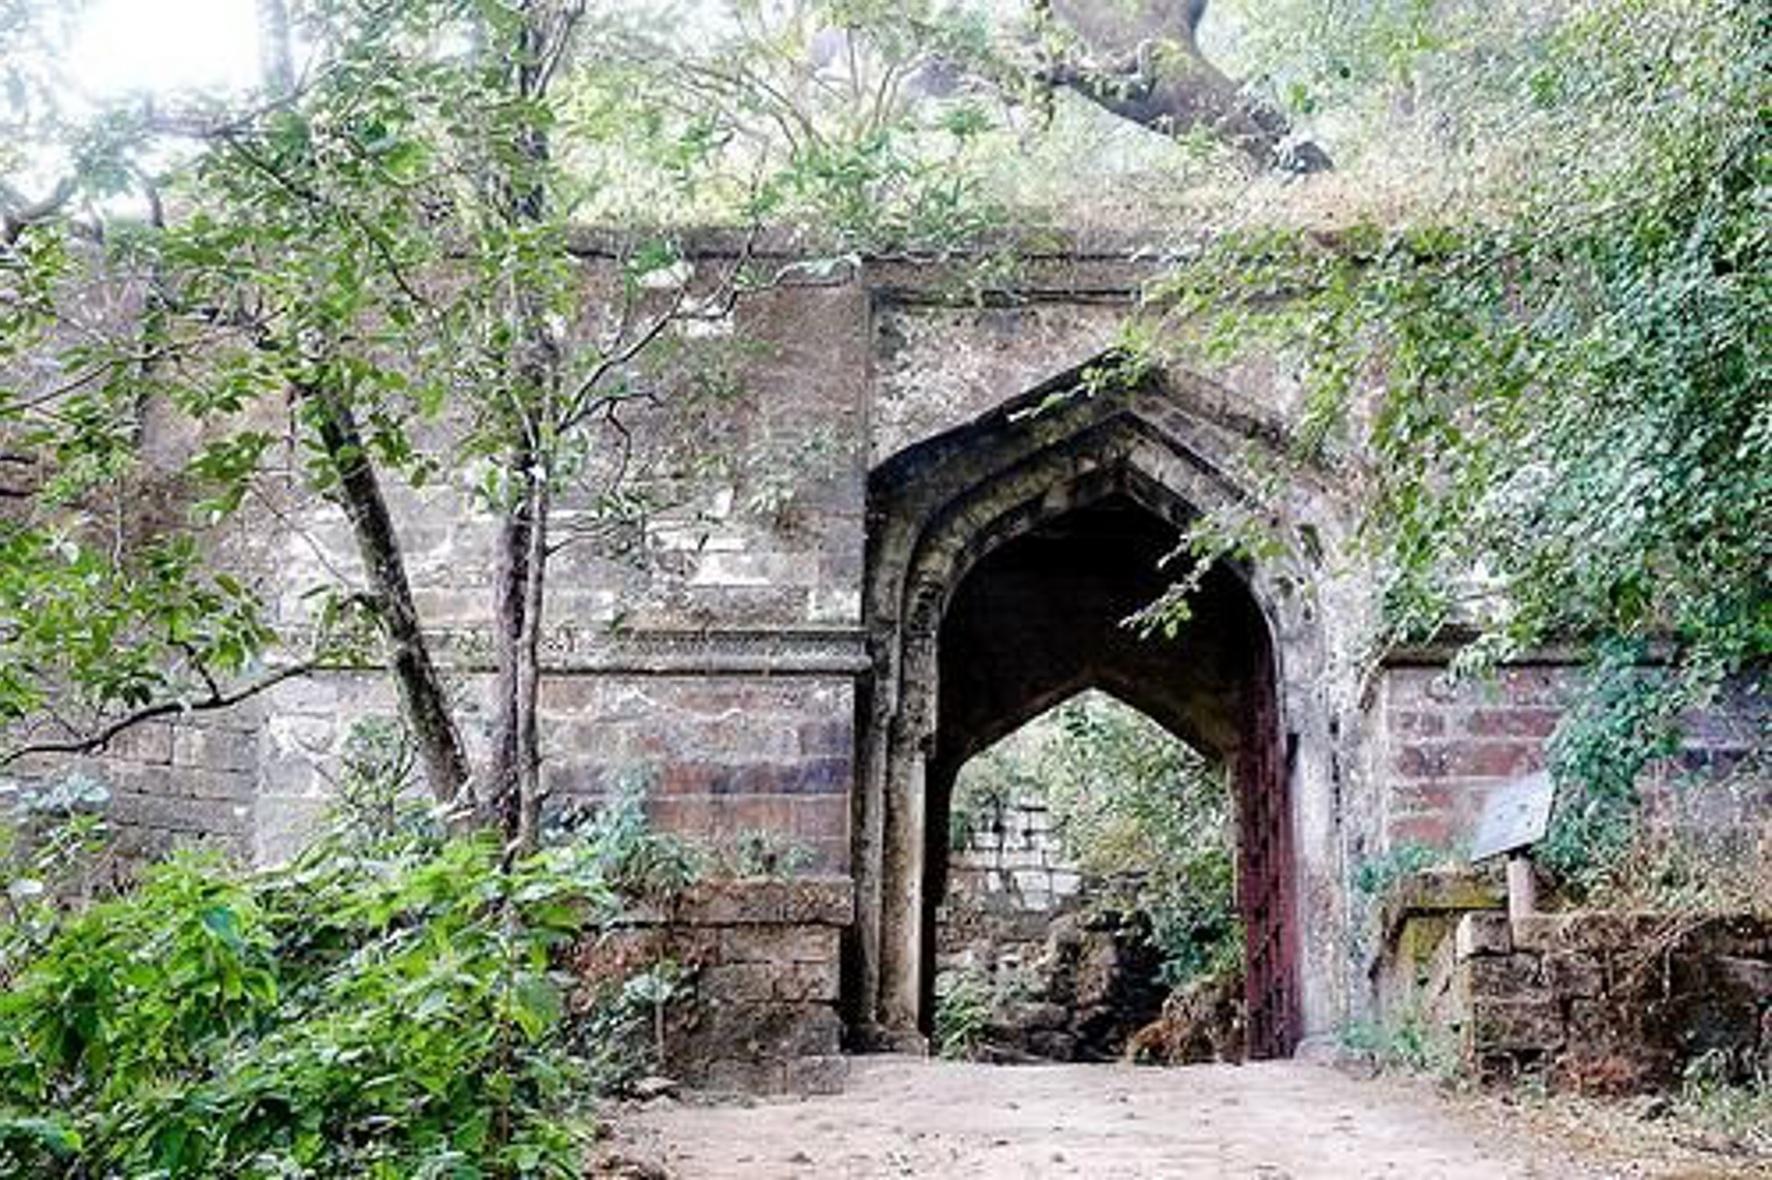 दो हजार पुराने किले में सजेगा मेला